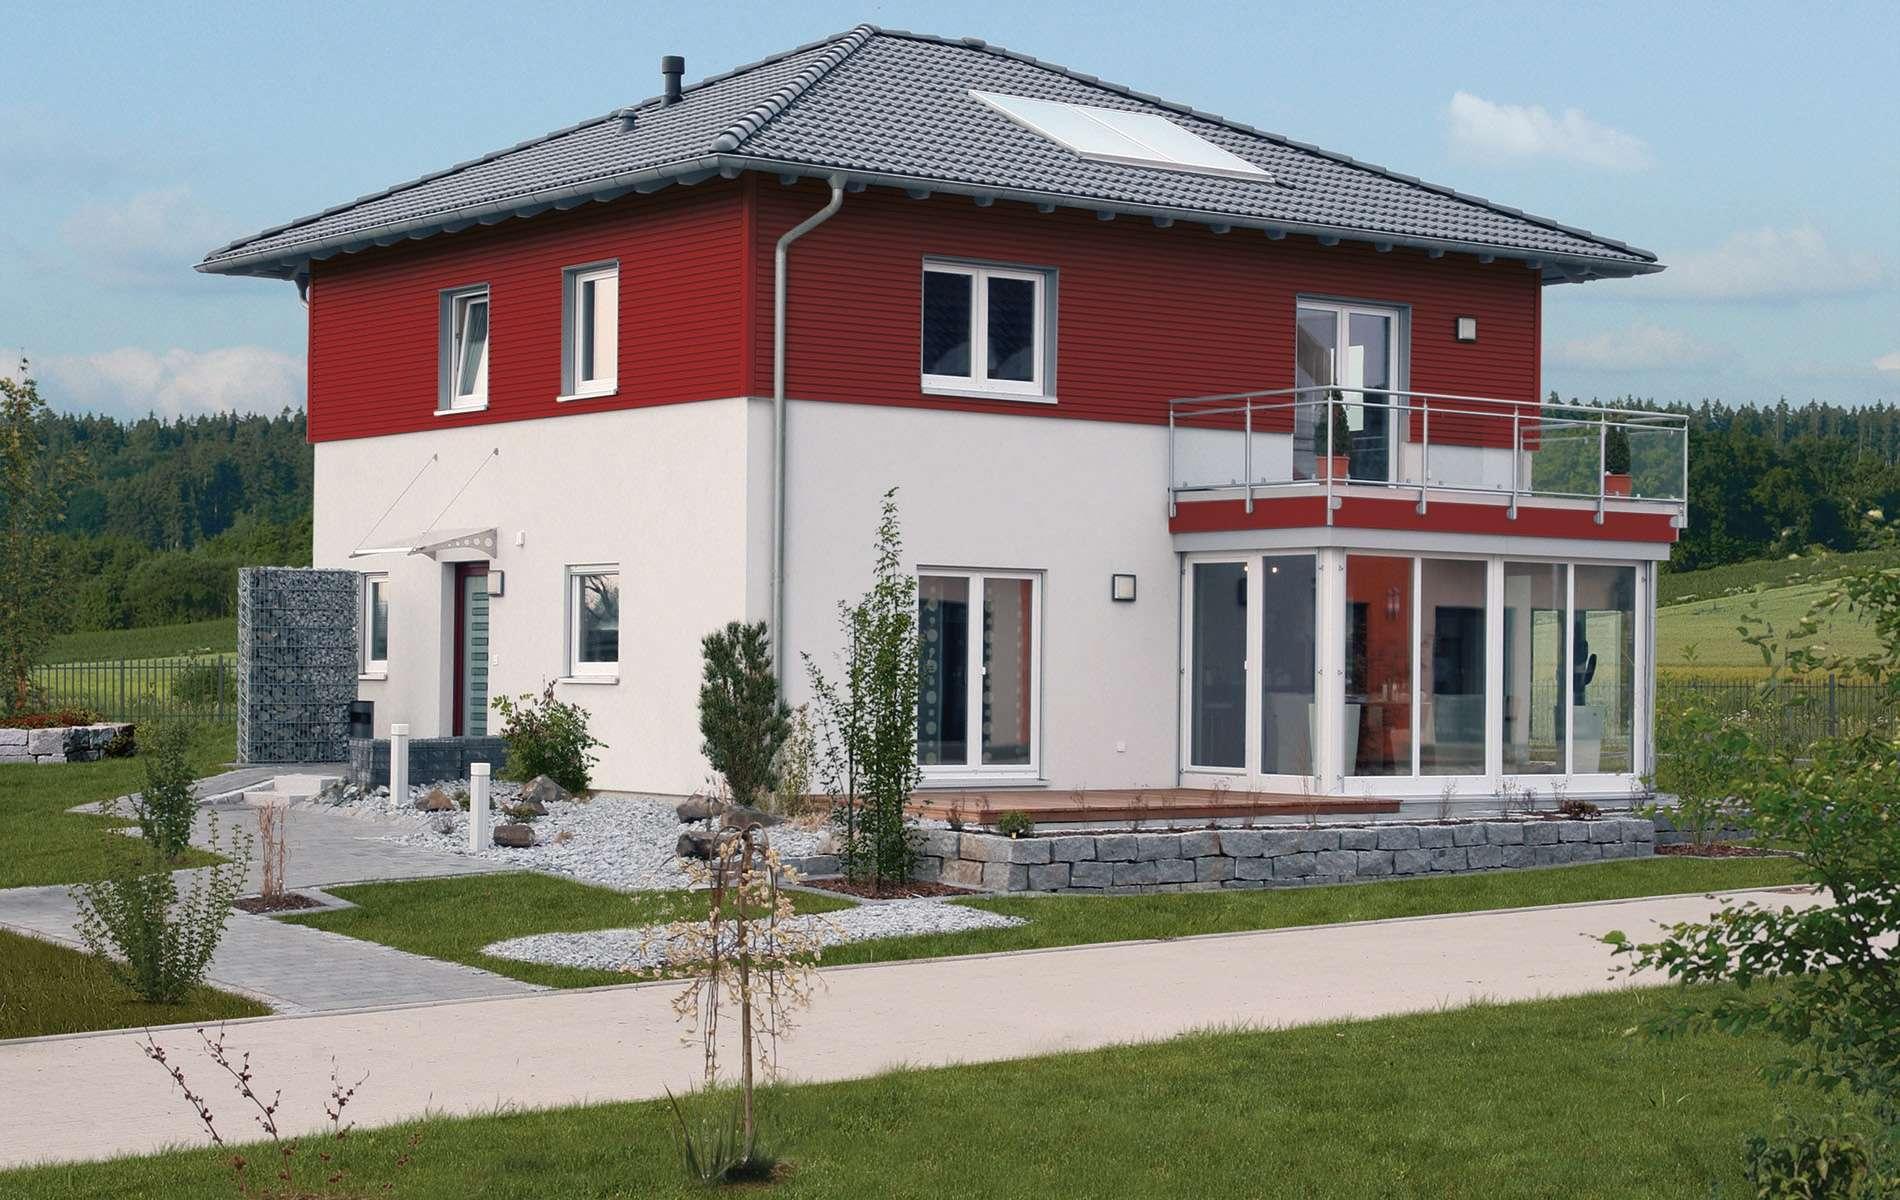 MEDLEY 3.0 - Nürnberg - Außenansicht und Eingangsbereich